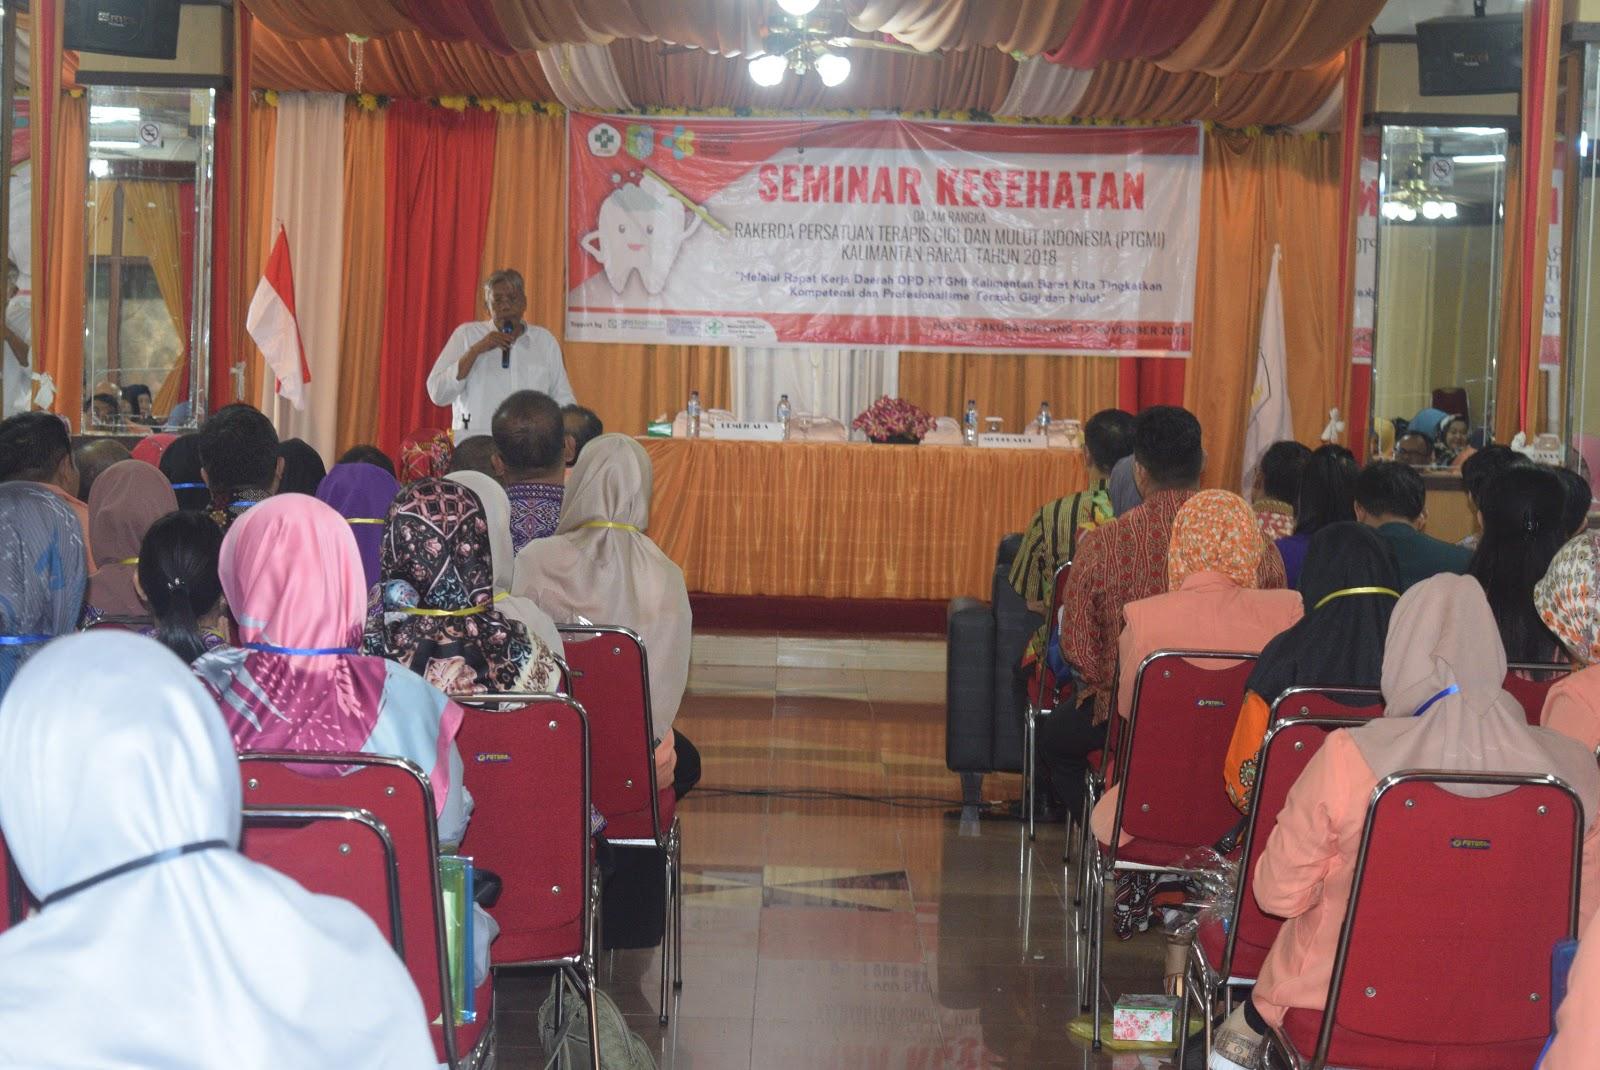 Jarot Winarno Membuka Kegiatan Seminar Kesehatan Dalam Rangka Rakerda Persatuan Terapis Gigi Dan Mulut Indonesia(PTGMI) Kalimantan Barat Tahun 2018